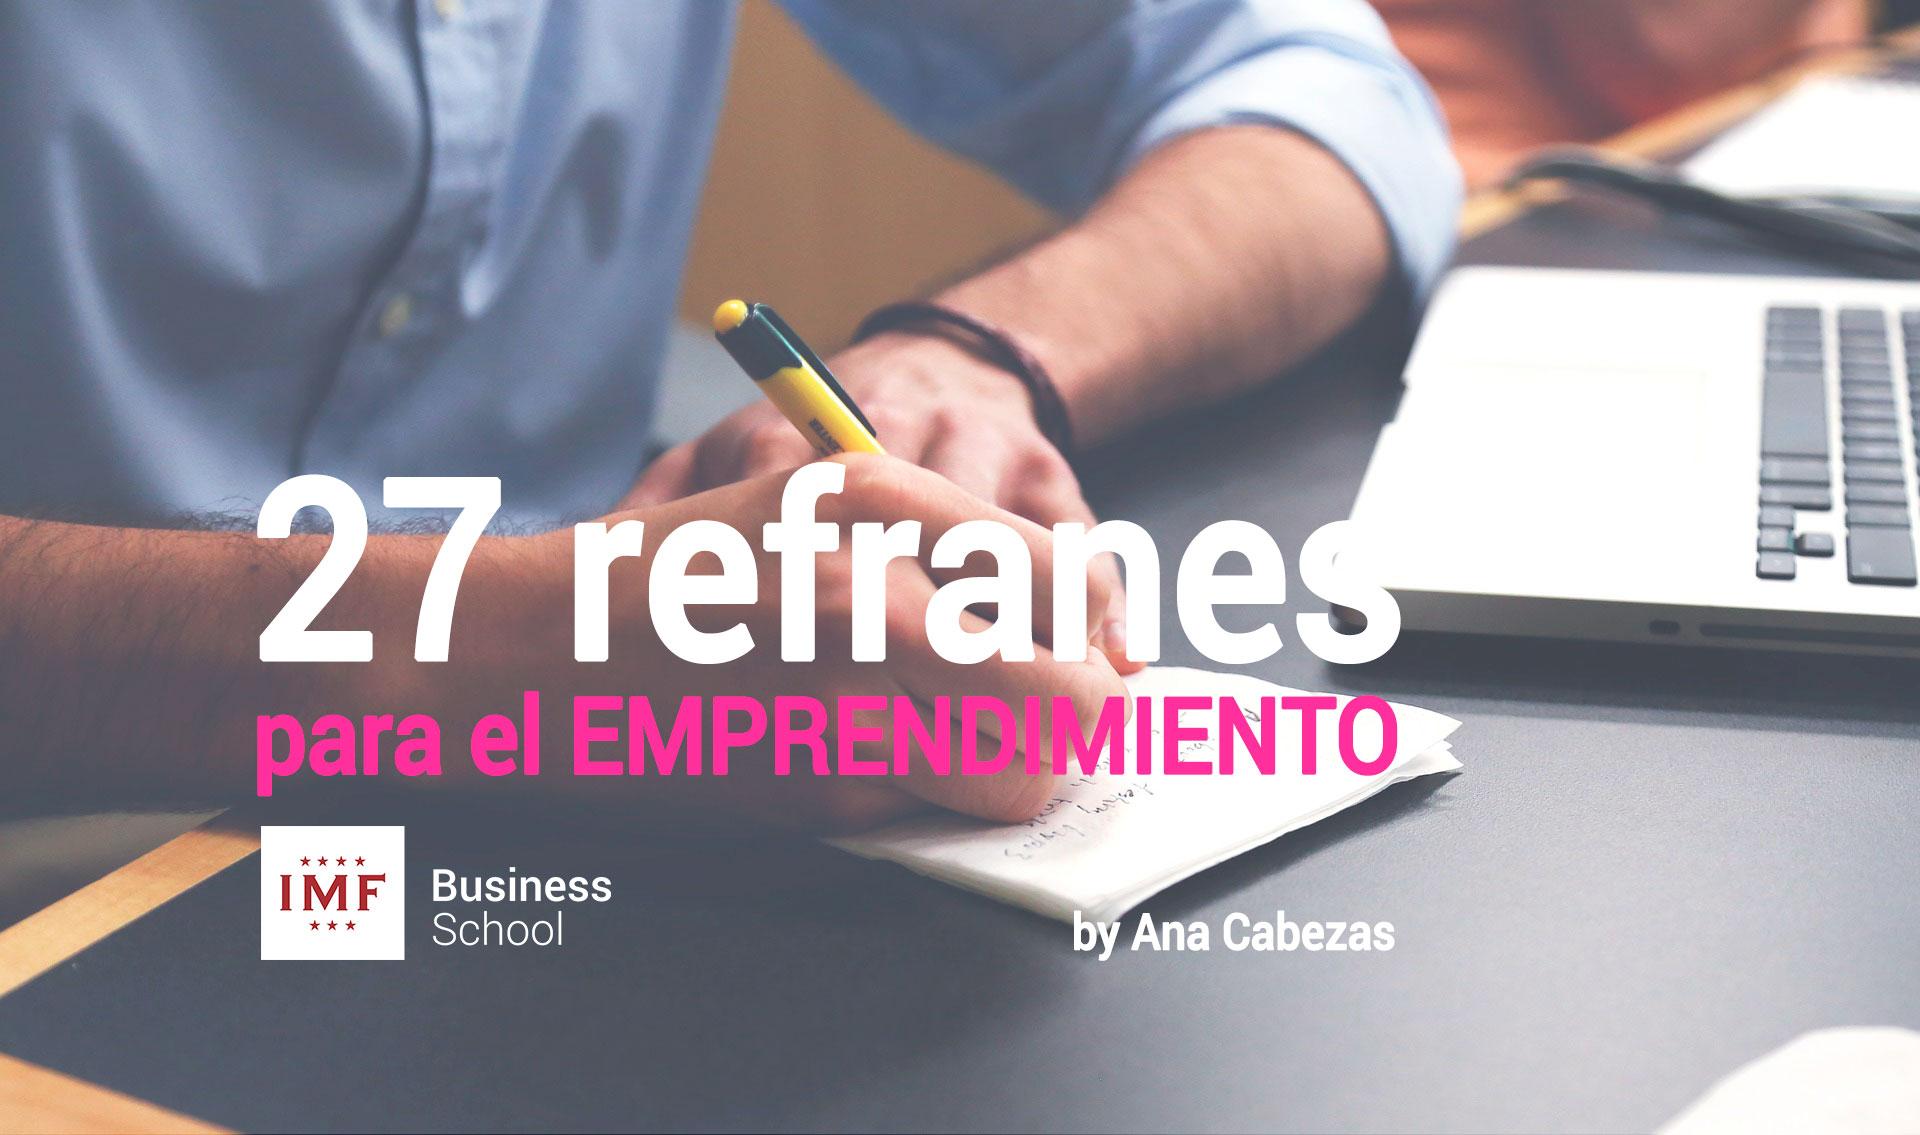 emprendimiento-refranes 27 tips de emprendimiento desde el refranero español